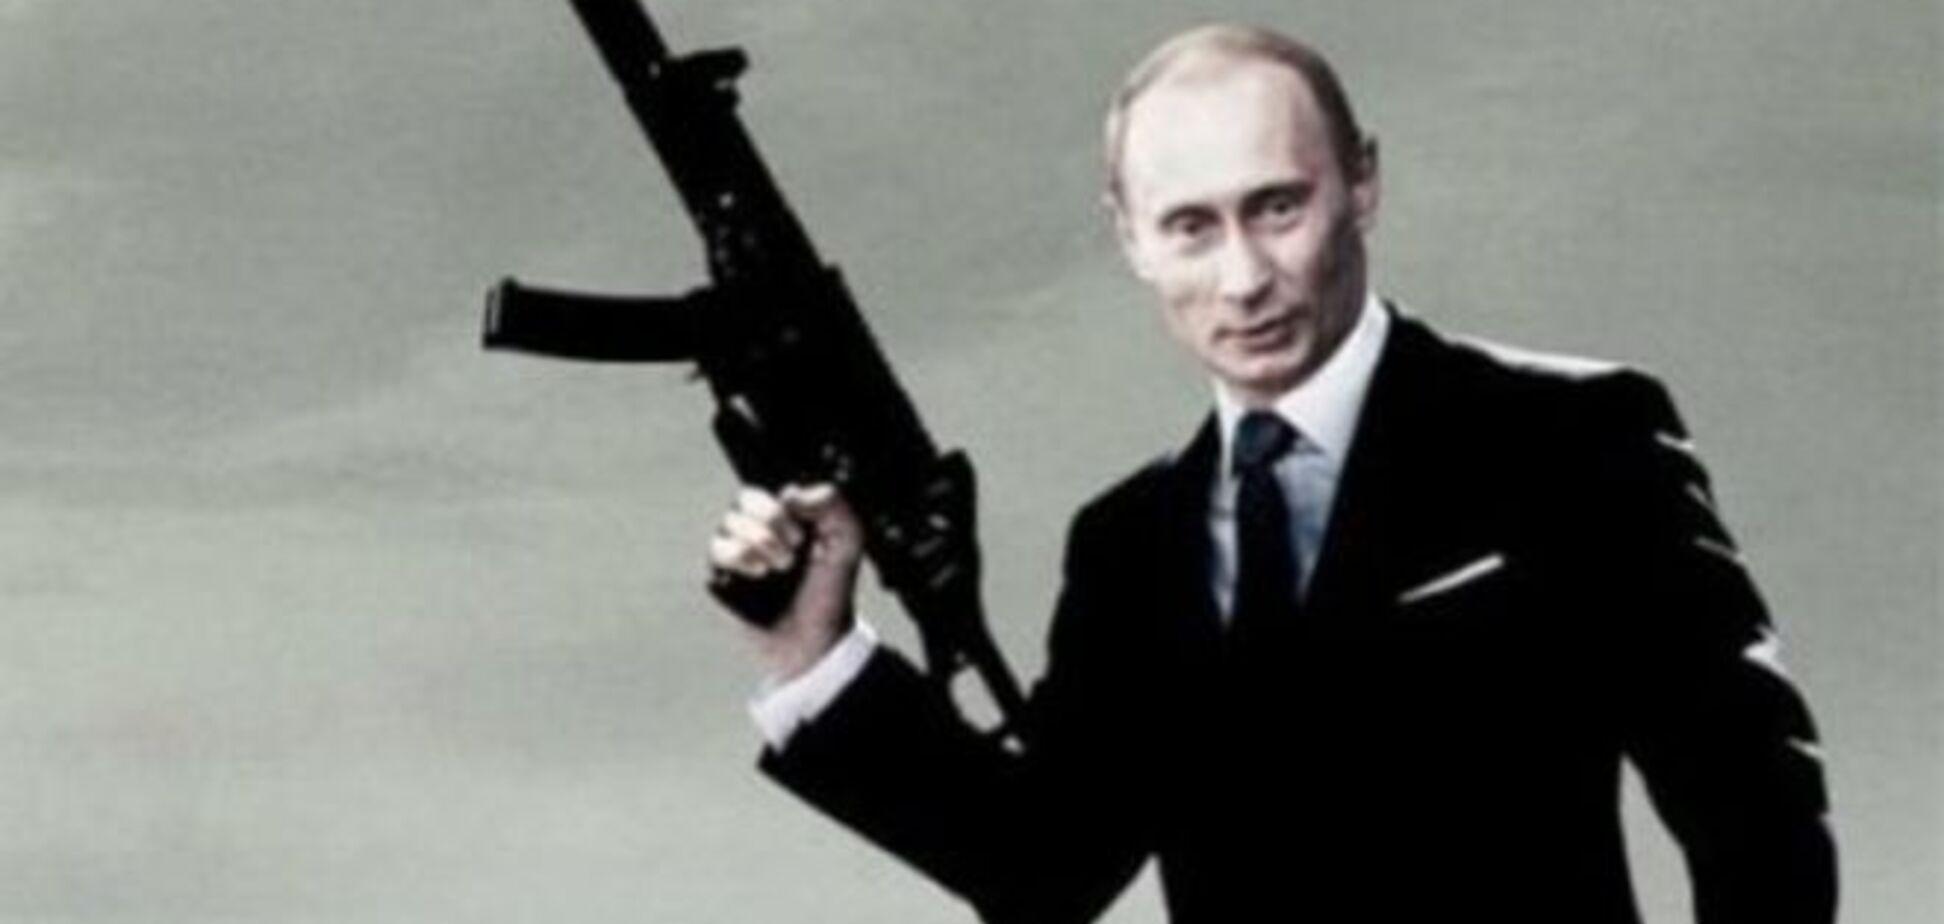 Від сірої людини до президента-'героя': Піонтковський розкрив головну технологію російських 'шахраїв'